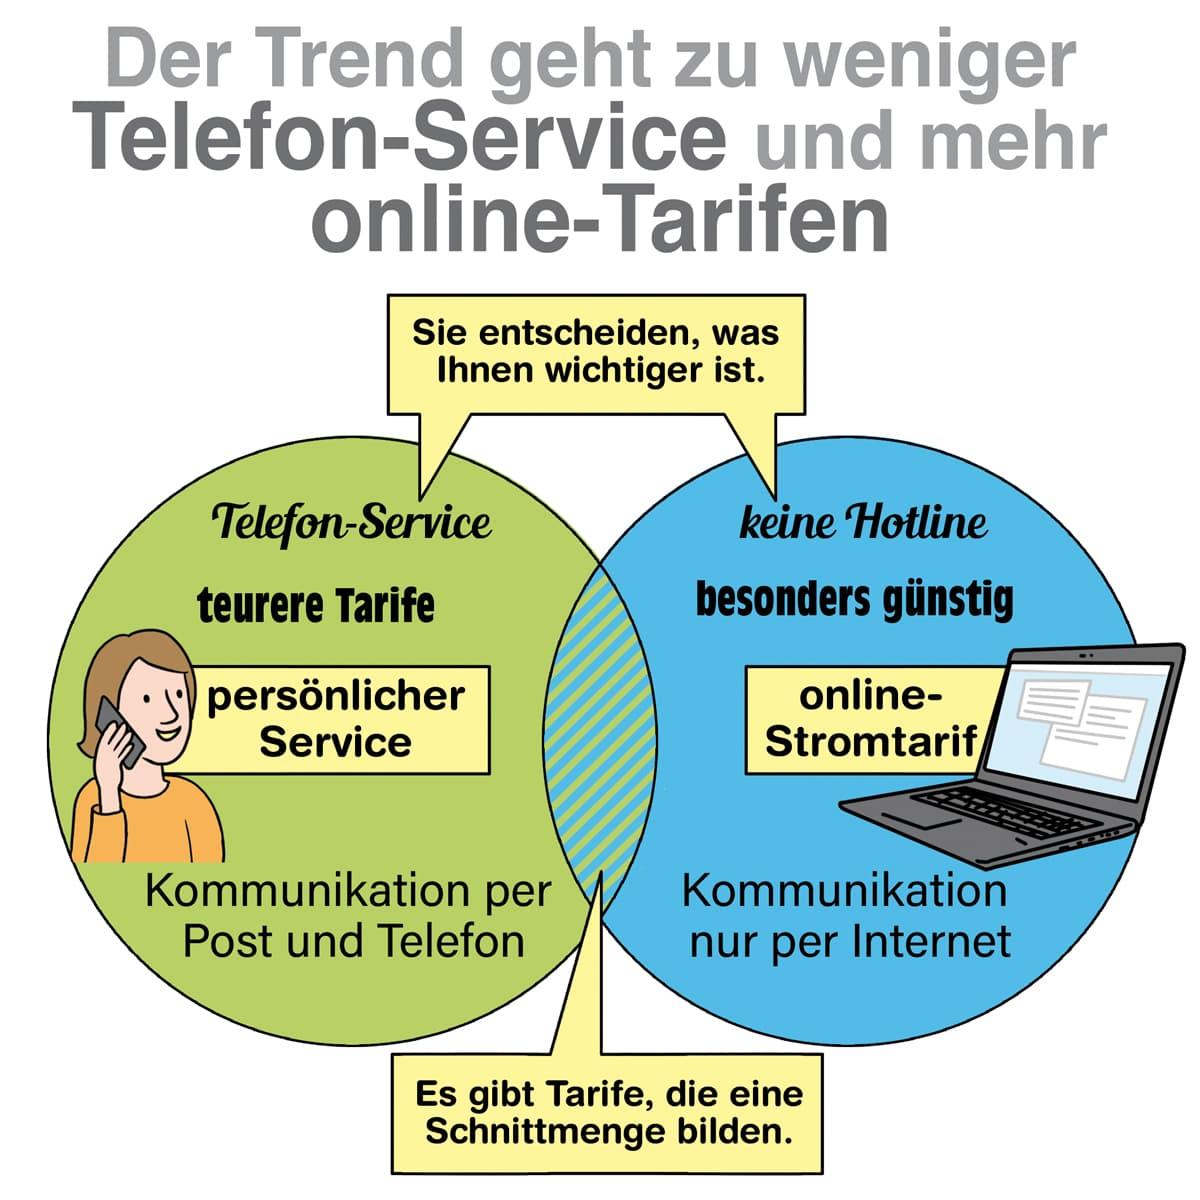 Onlien Tarife - günstig bei weniger persönlichem Service